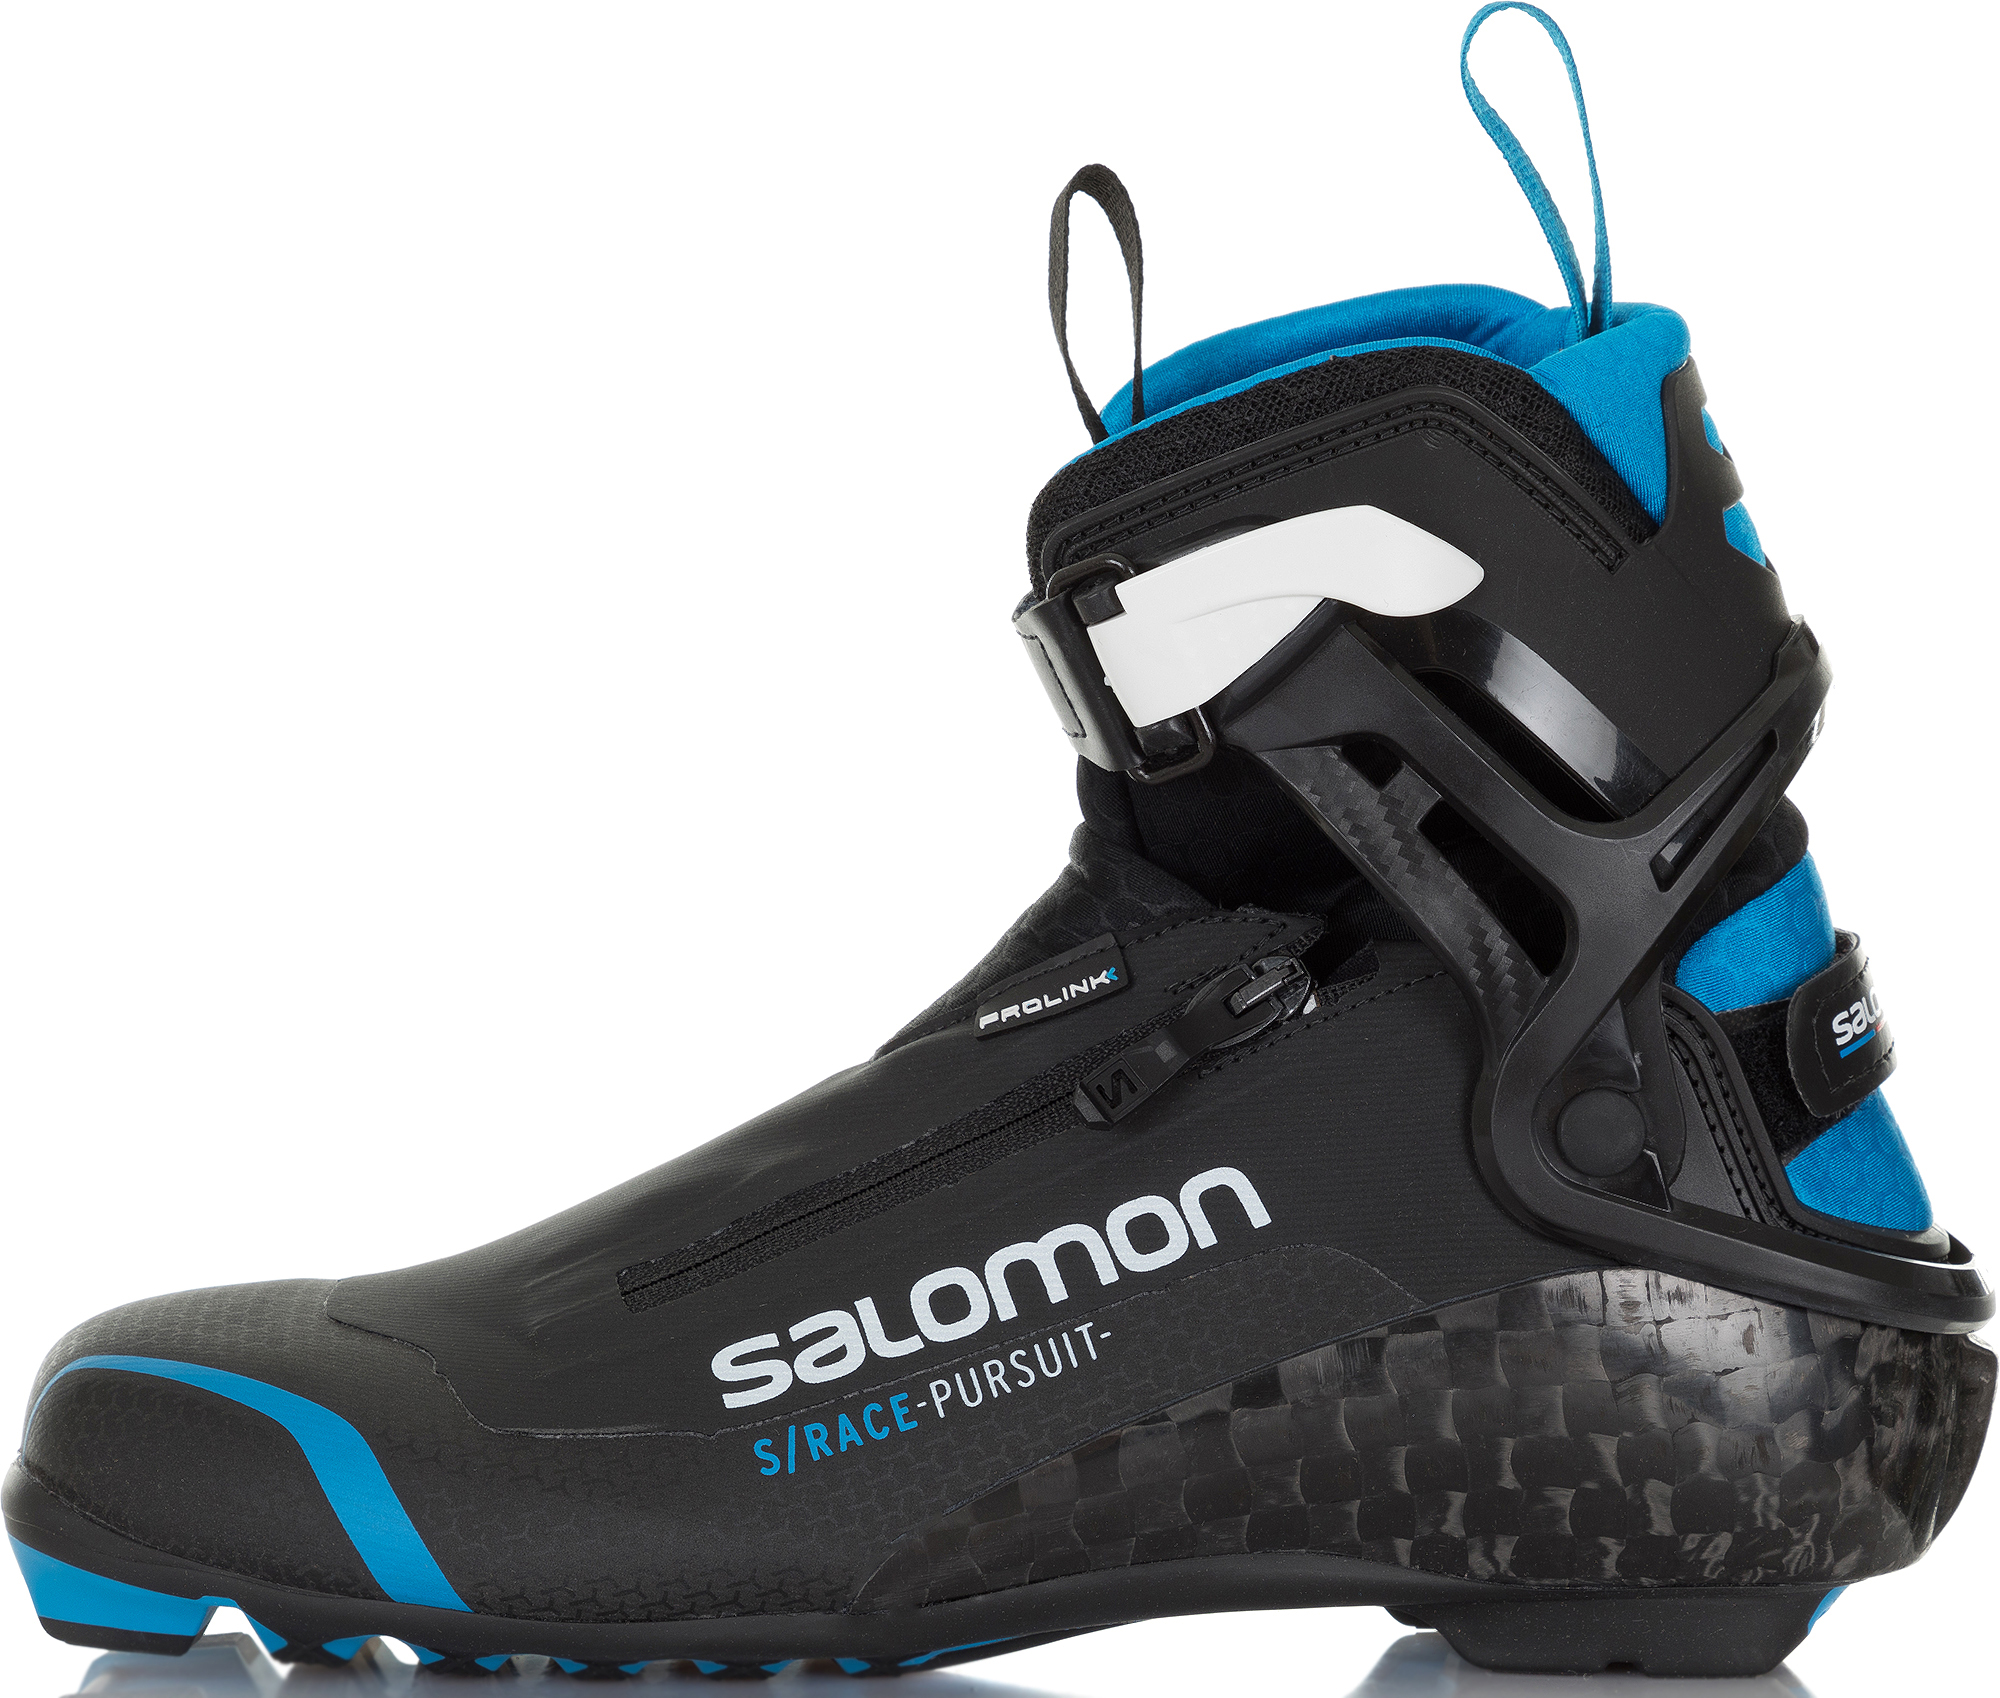 Salomon Ботинки для беговых лыж Salomon S/Race Pursuit Prolink, размер 44 ботинки для беговых лыж salomon equipe 8x skate prolink цвет черный размер 10 5 44